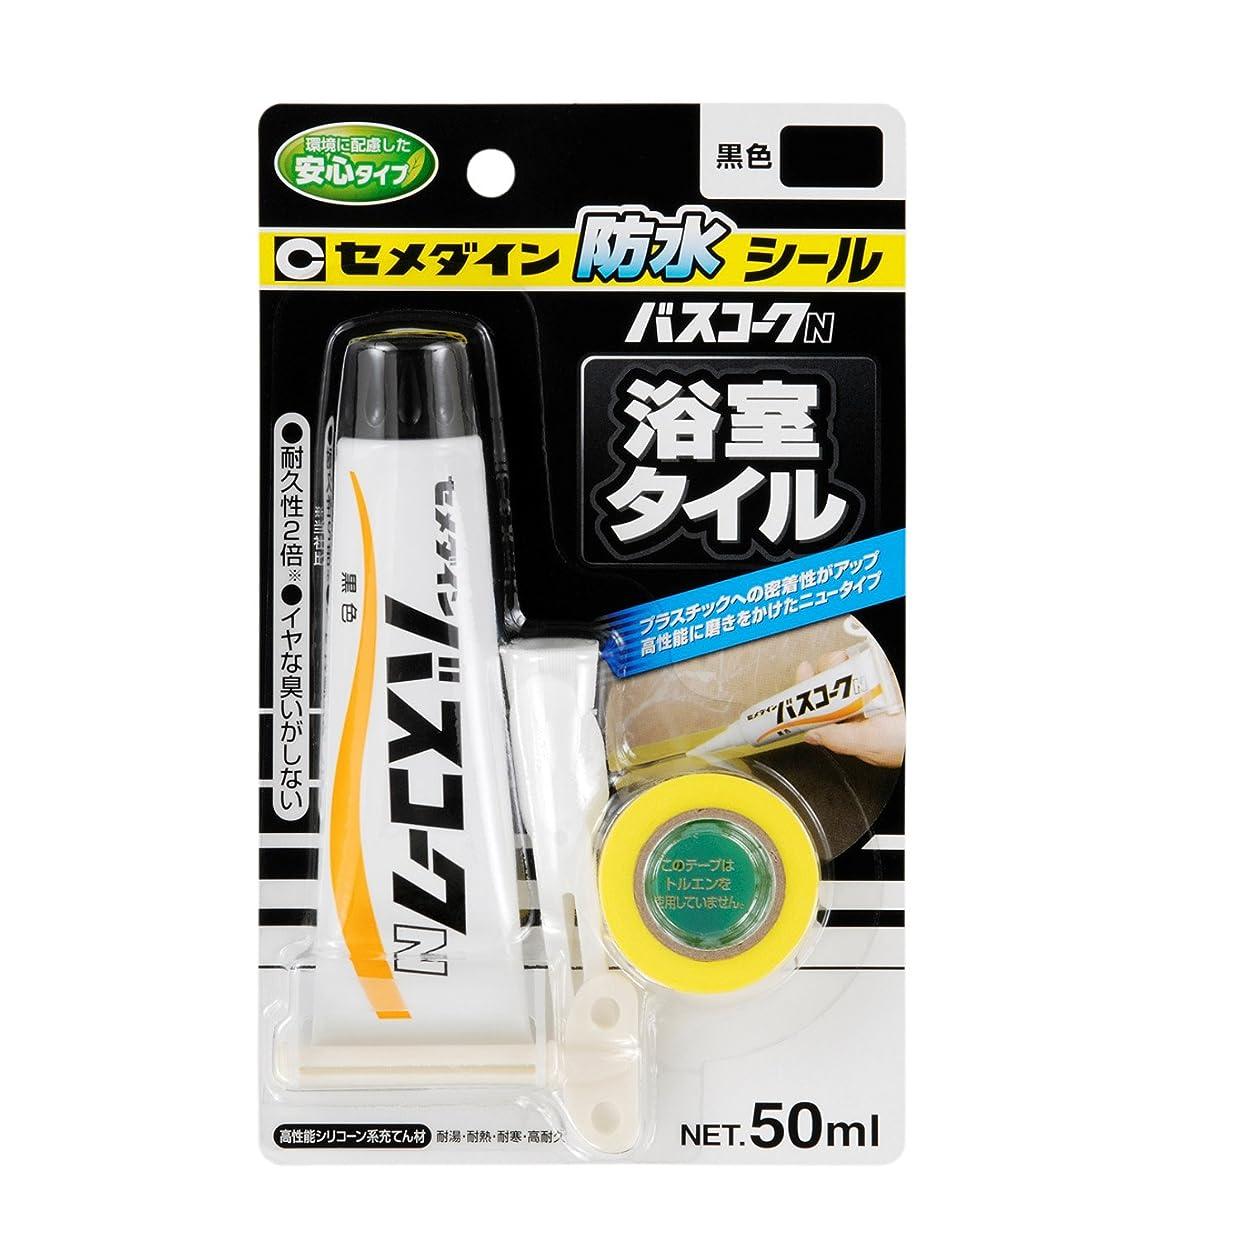 唇砂のハントセメダイン キッチン配管 防水シール バスコークN 50ml 黒 HJ-151